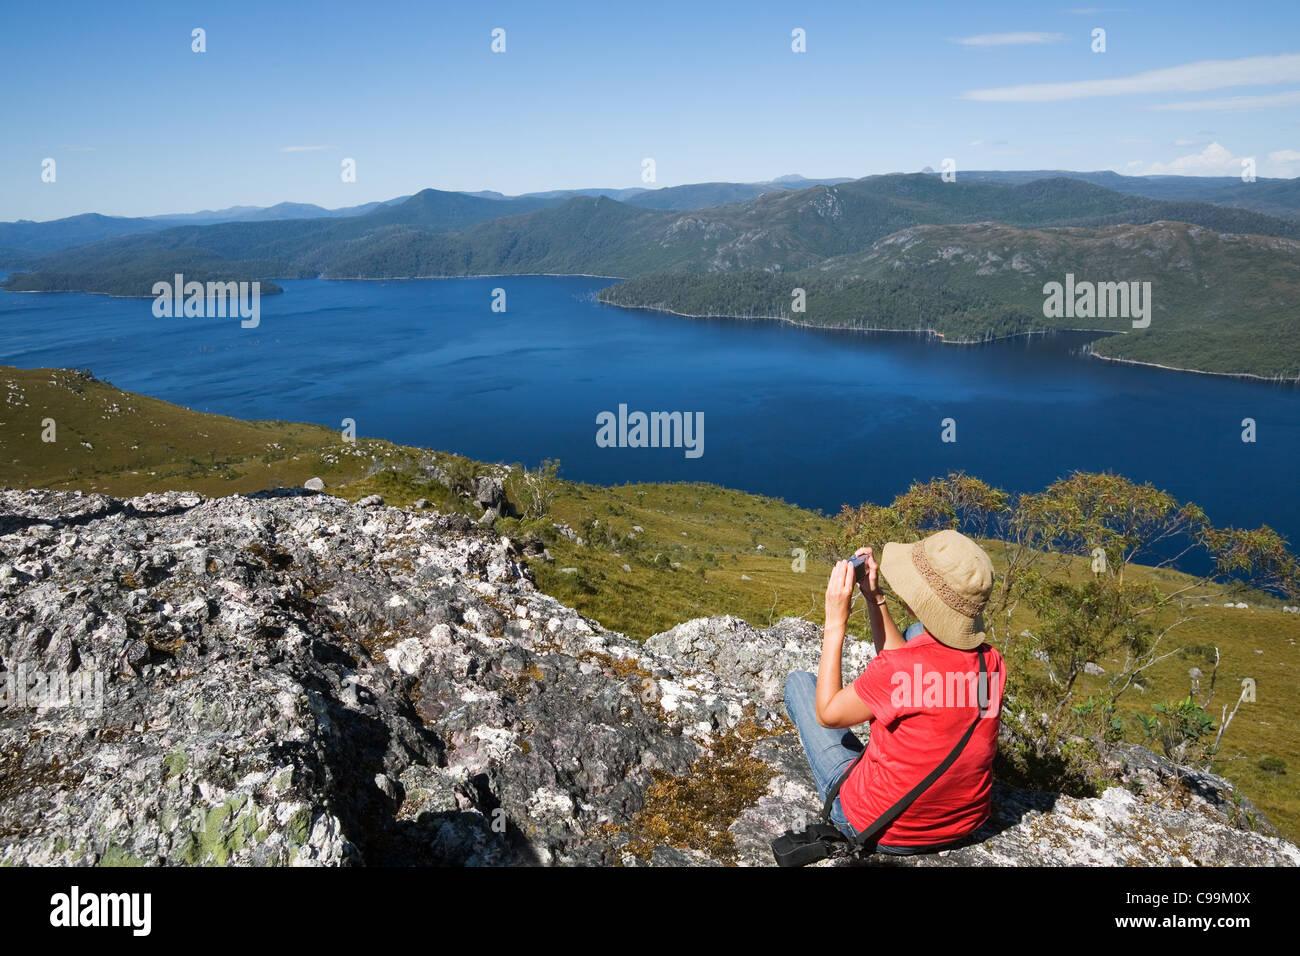 Ein Wanderer Fotografien Lake Mackintosh von oben auf Mount Farrell, im westlichen Hochland Tasmaniens. Tullah, Tasmanien, Australien Stockfoto